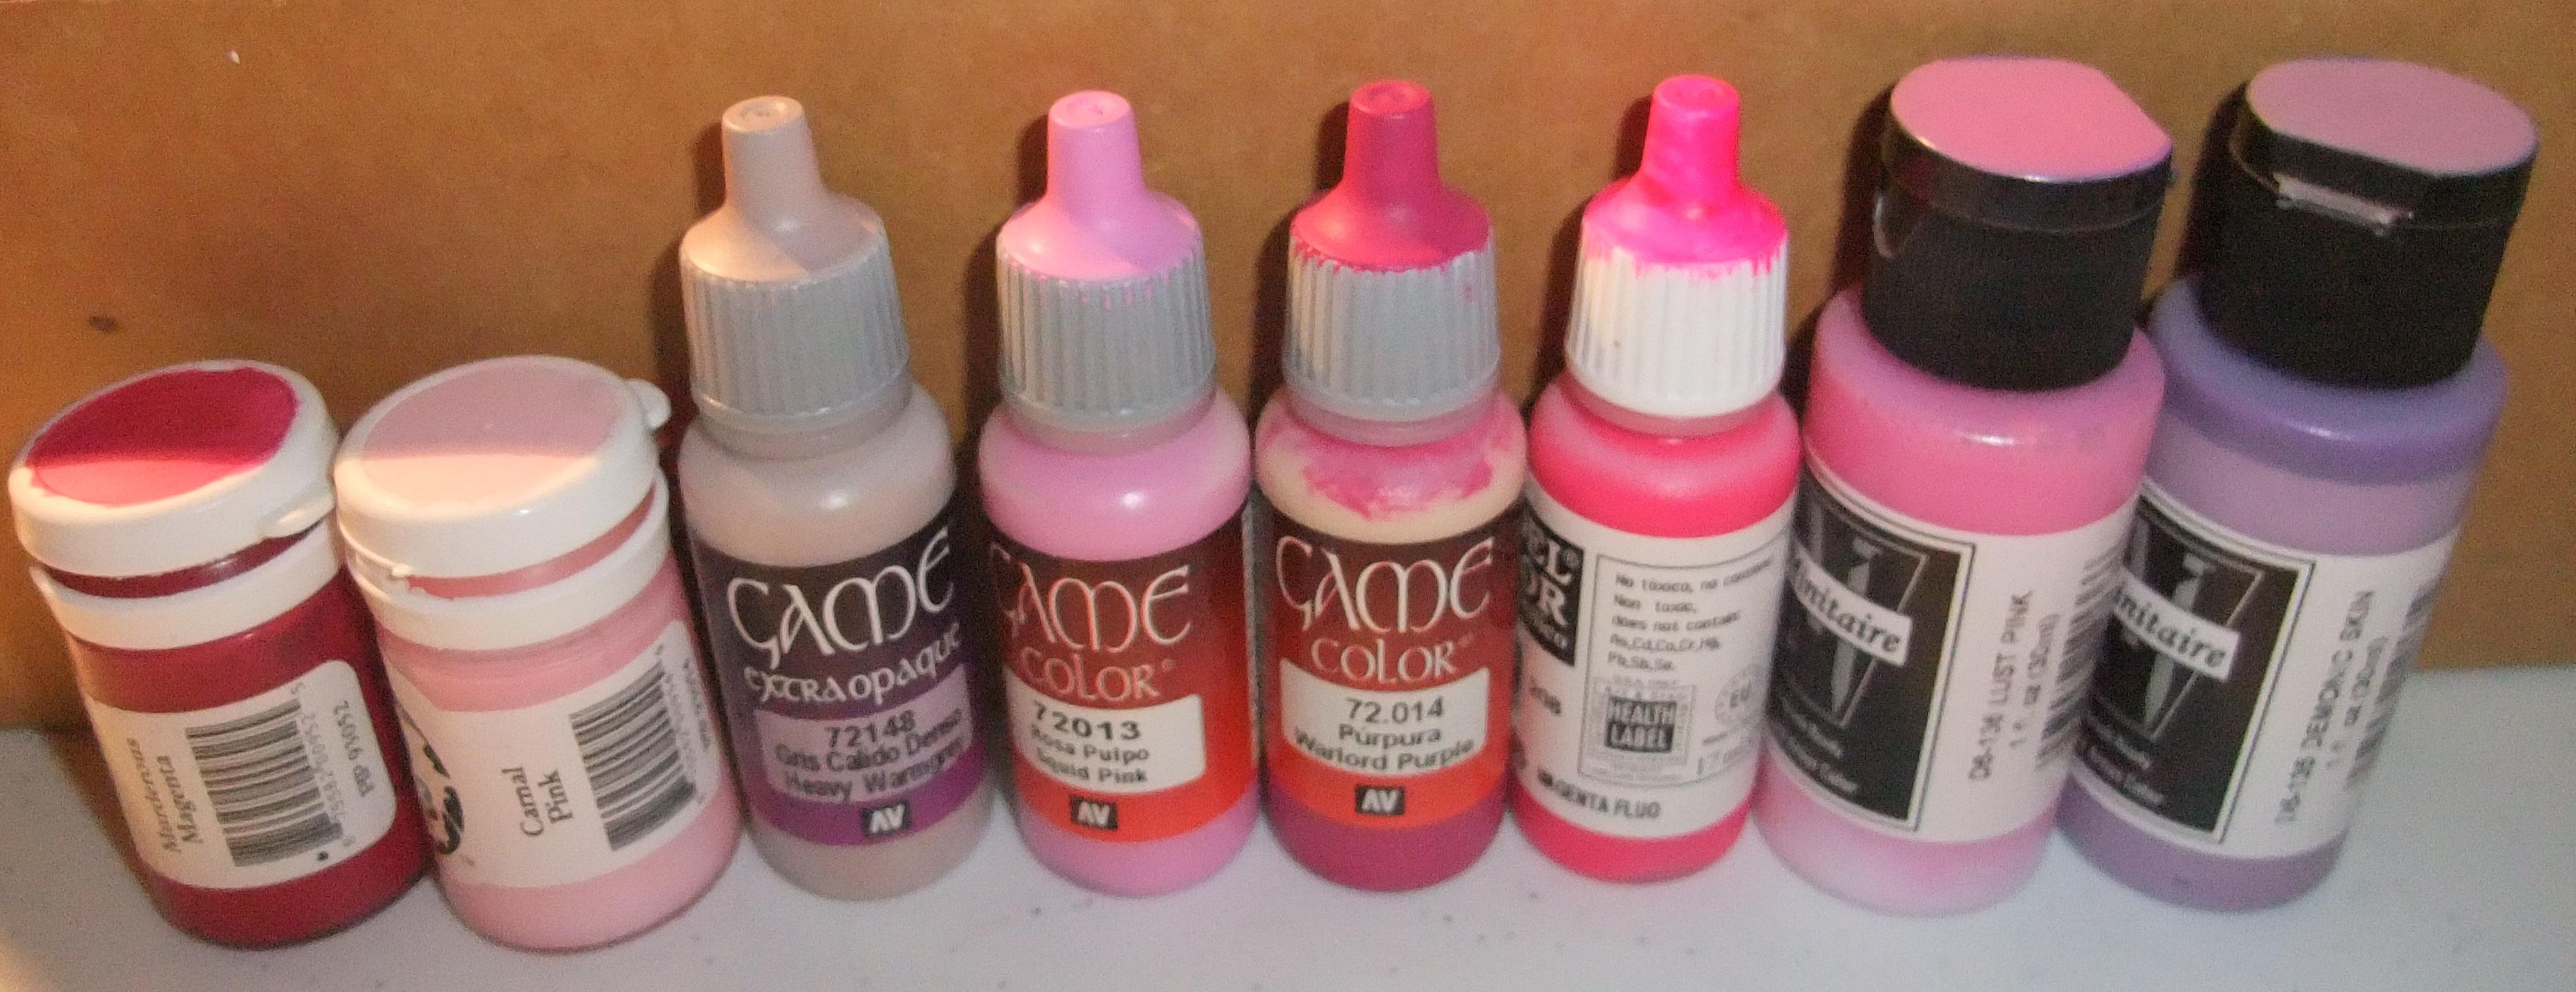 Plague colour selection